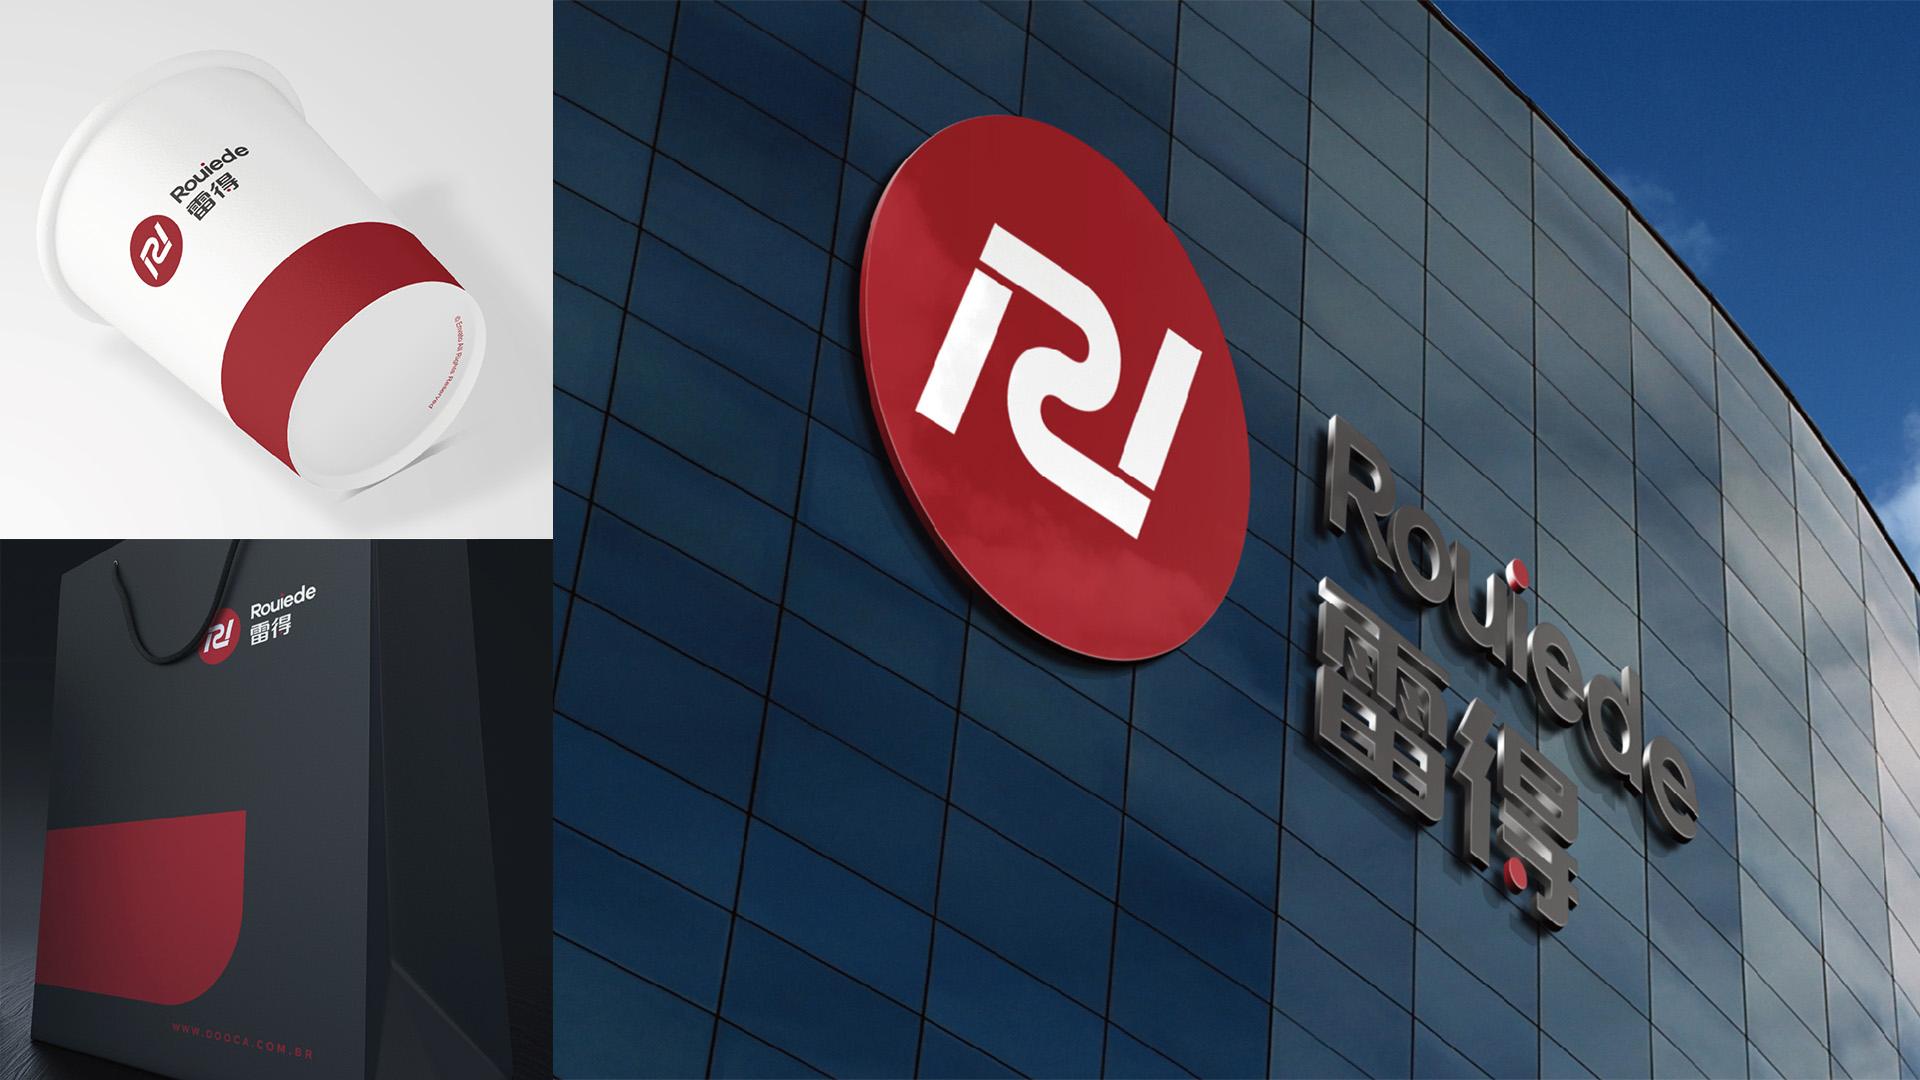 雷得电磁炉品牌形象改造升级设计logo设计VI设计